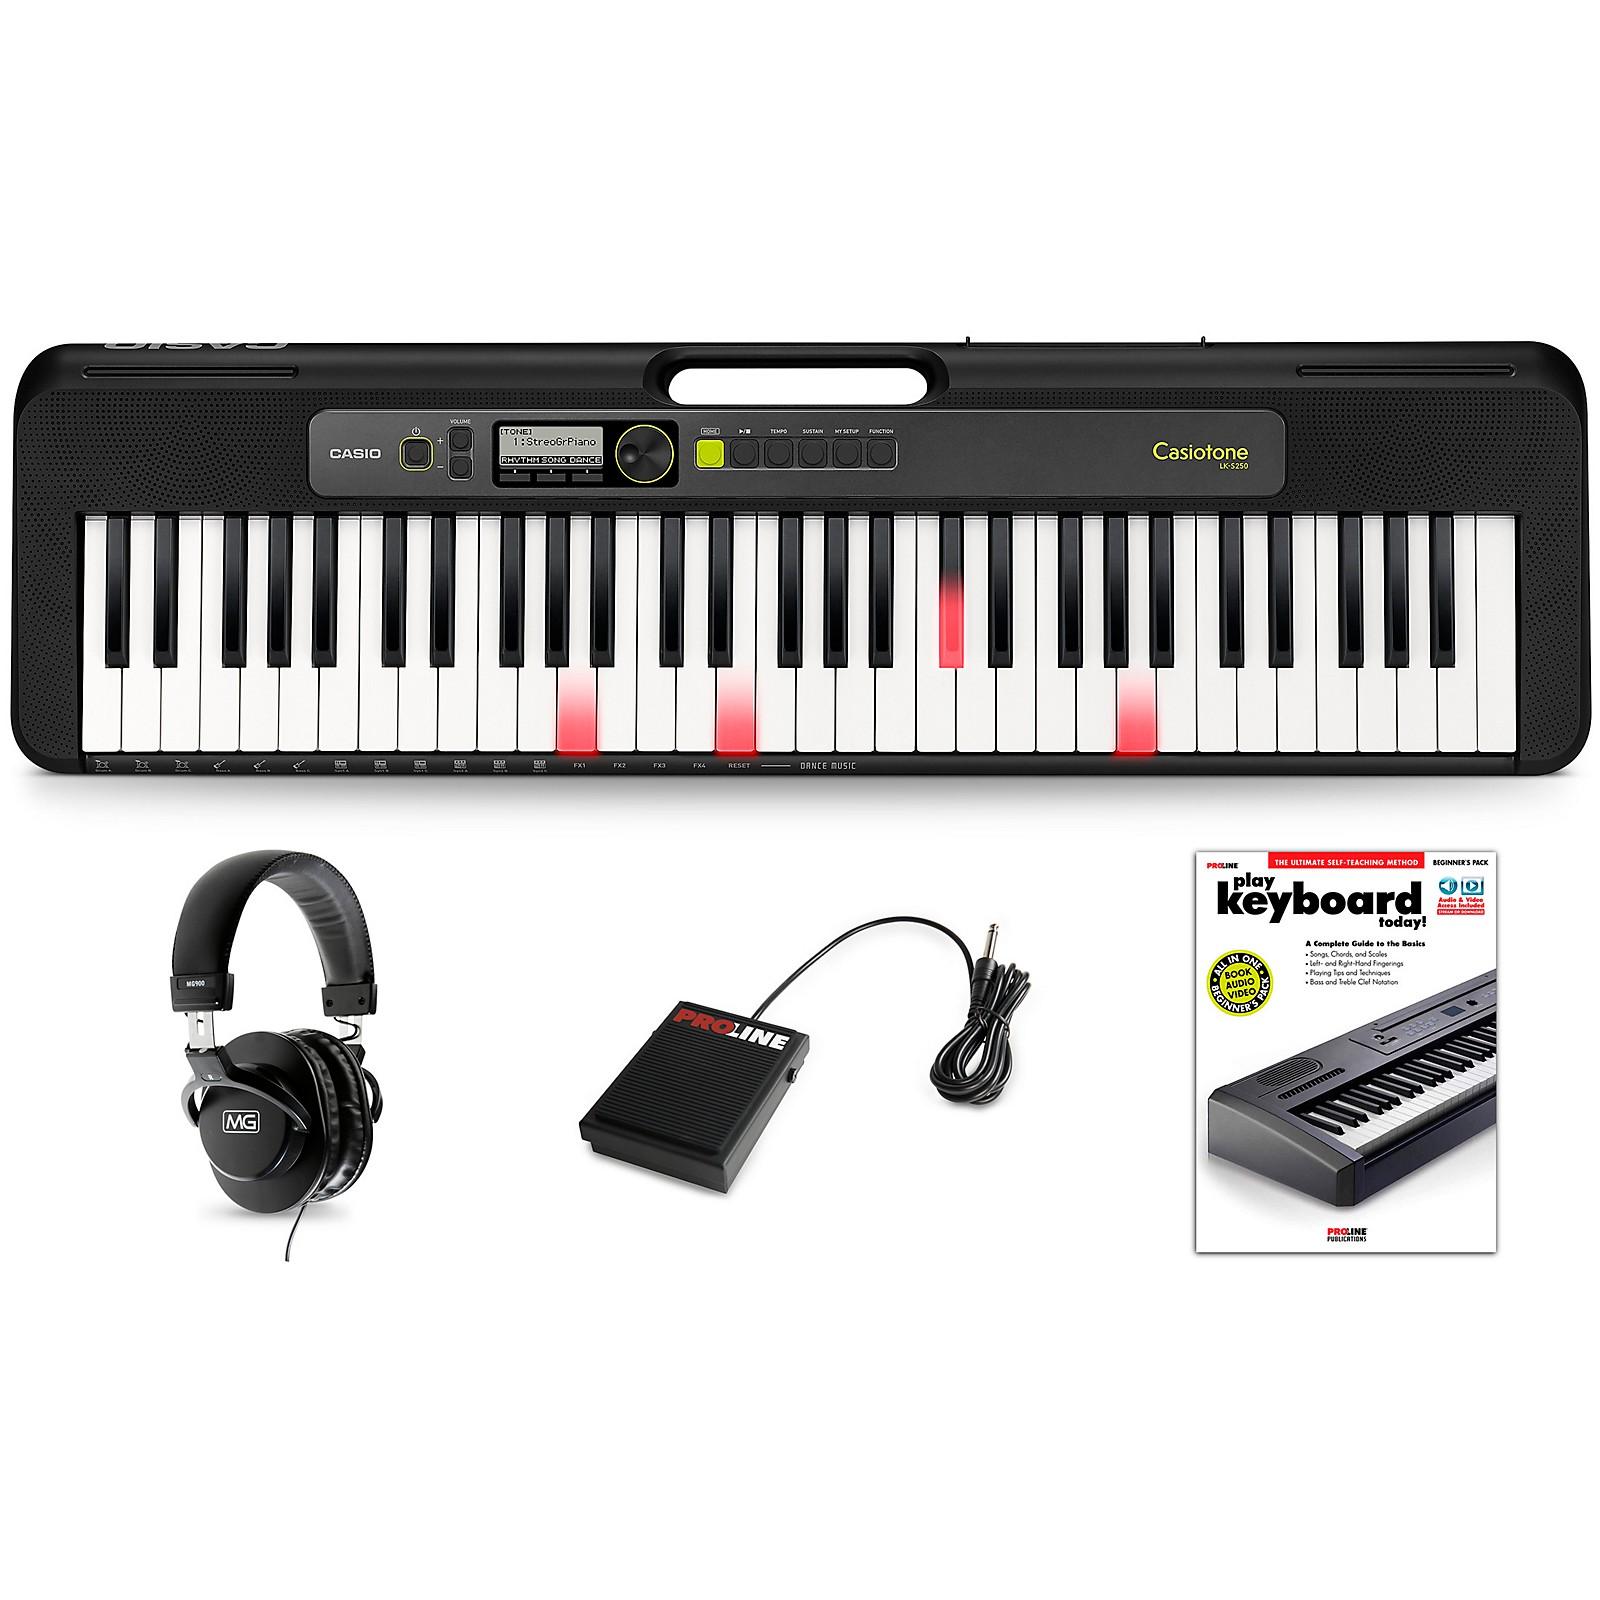 Casio Casiotone LK-S250 Keyboard Essentials Kit